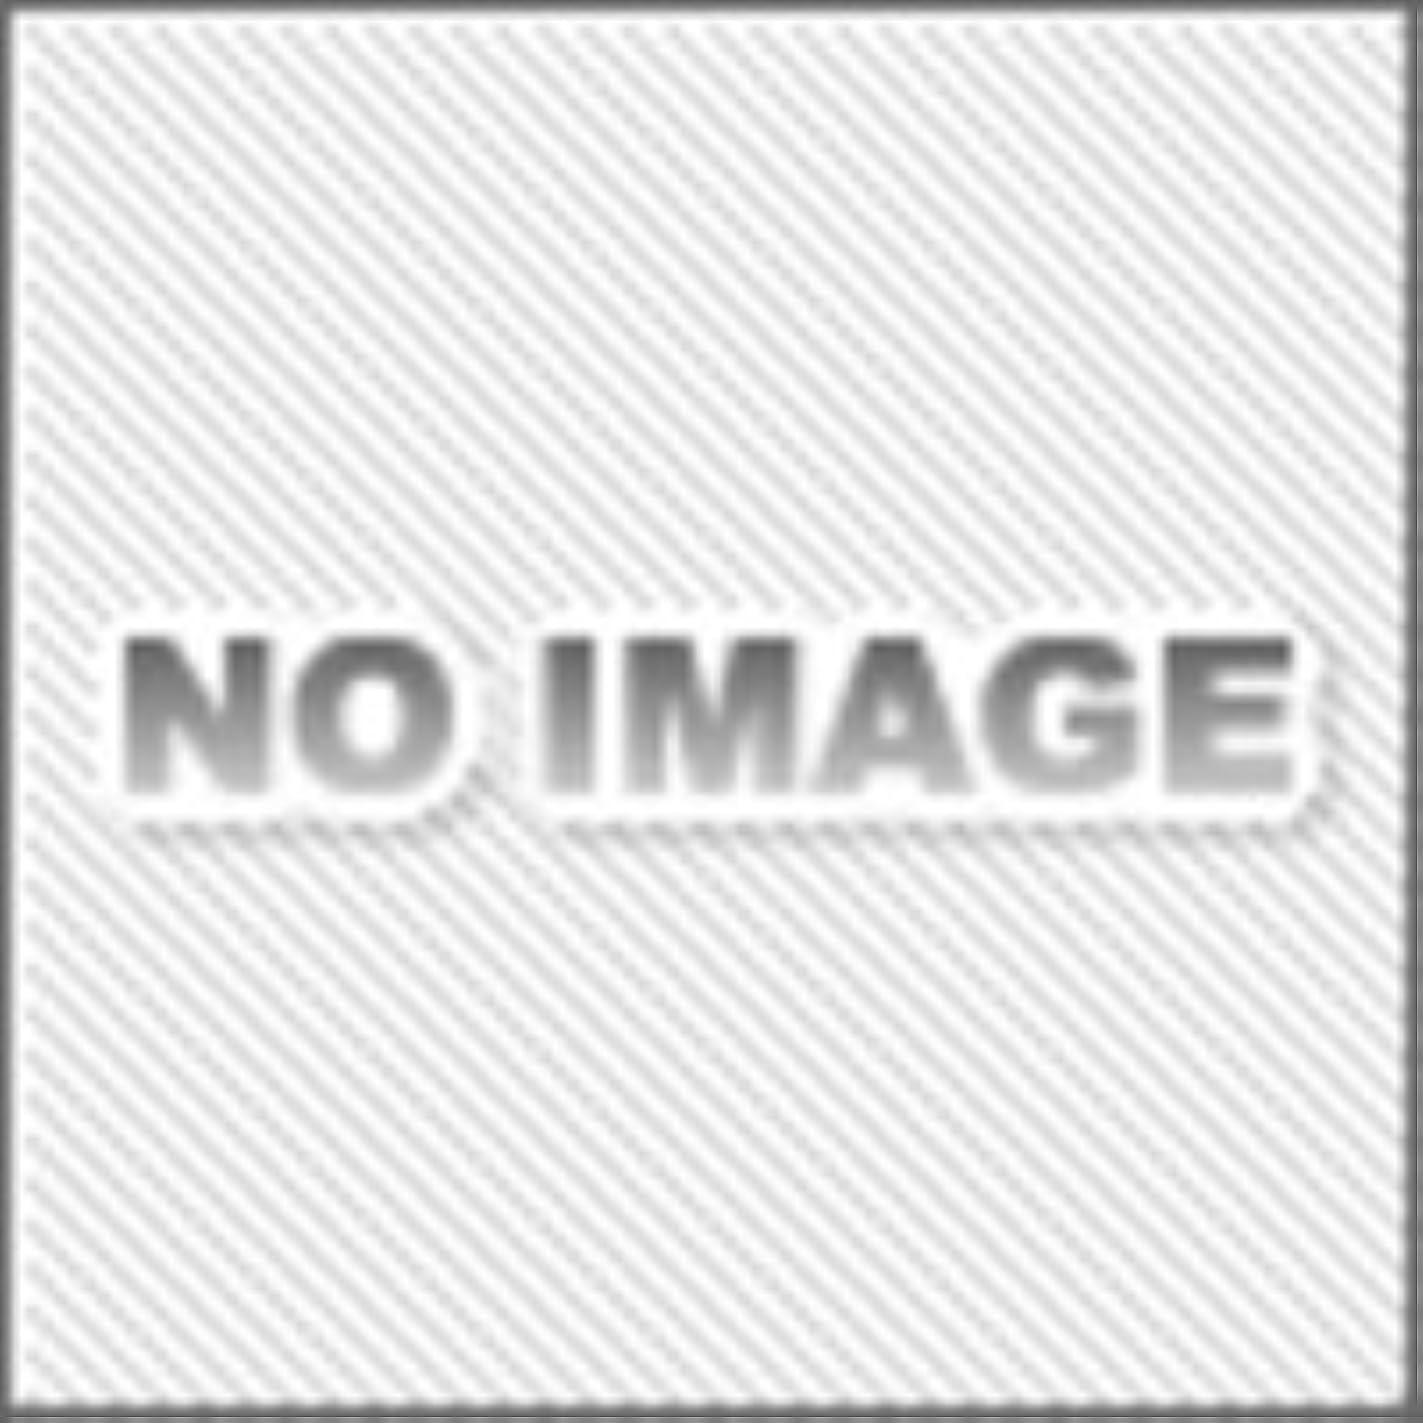 インカ帝国言うピラミッドデンソーウェーブ BA11-RKU用RS232C充電器組込みケーブル CBBA-RS2000/9-1